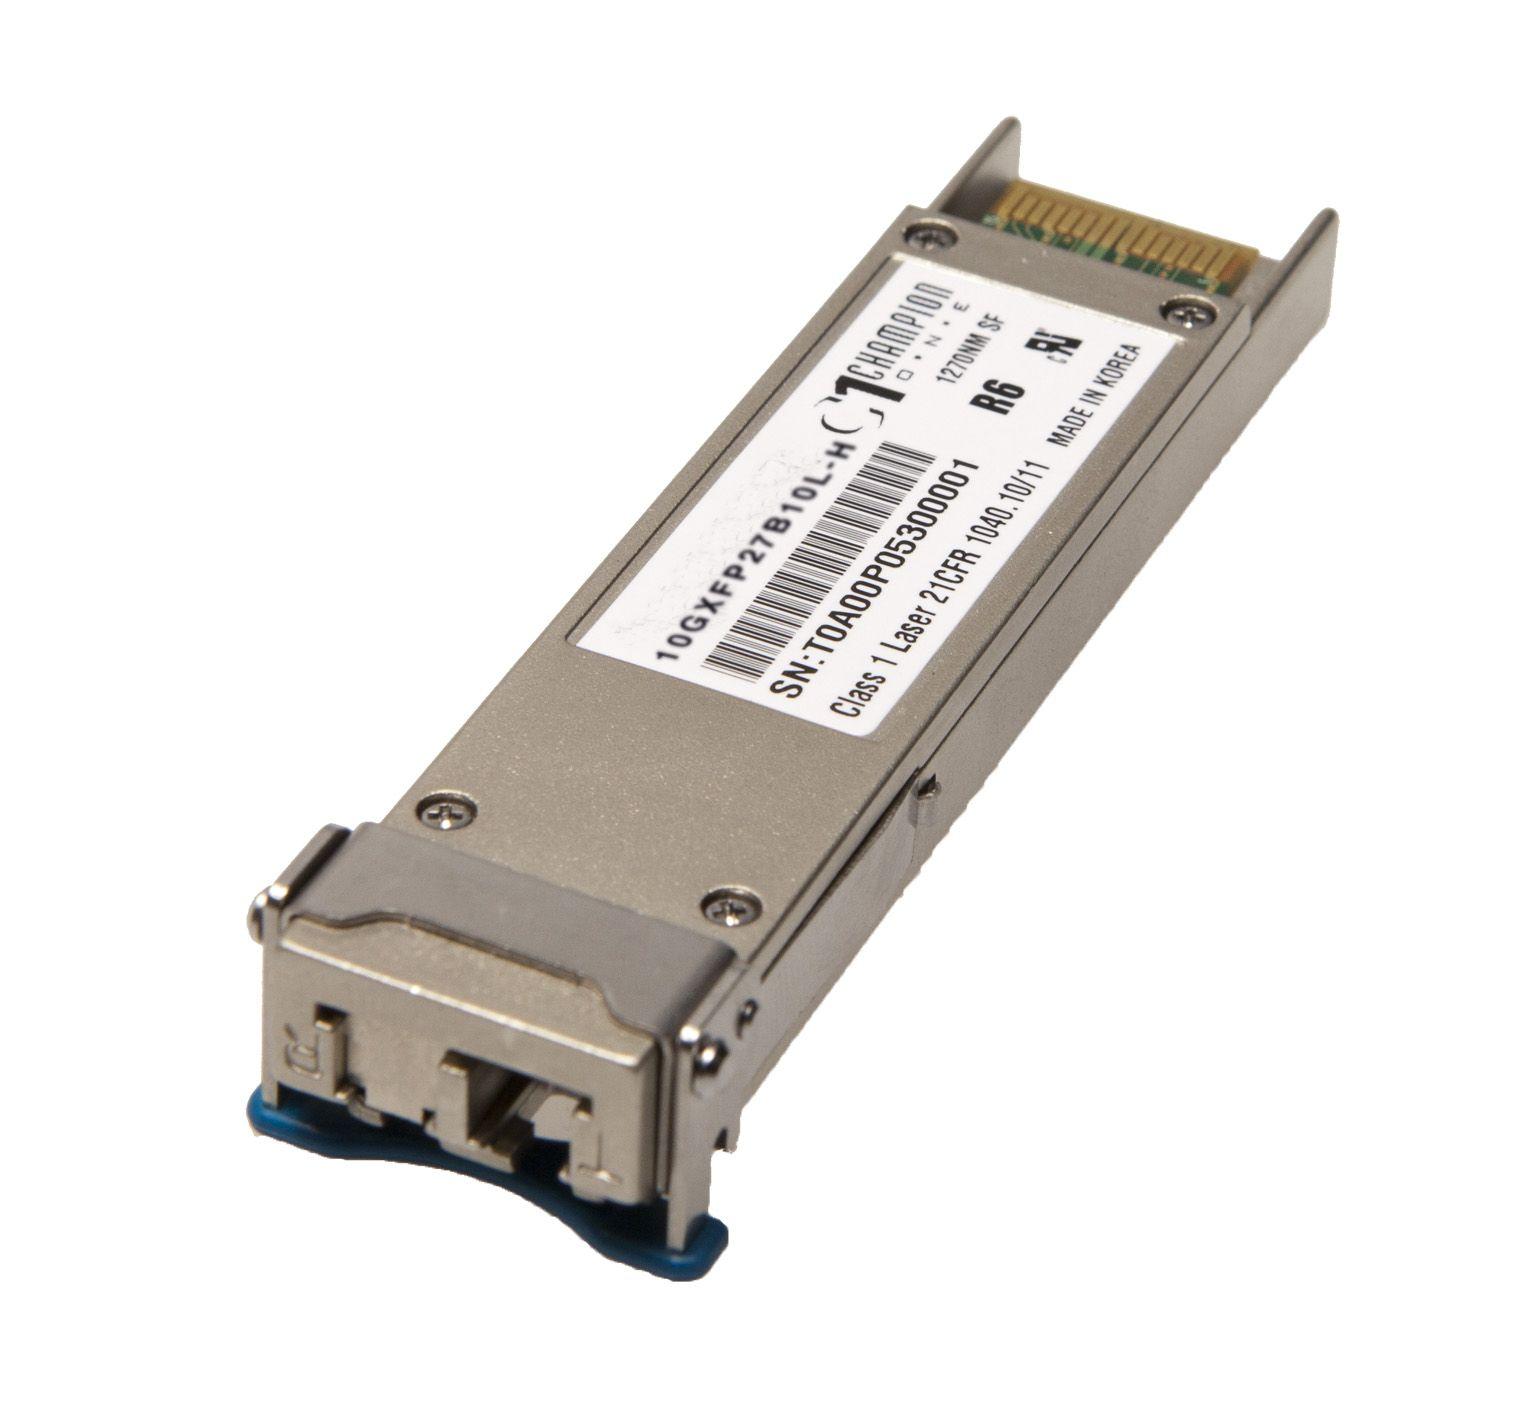 XFP Single Fiber 10km 10GXFP27B10L-H